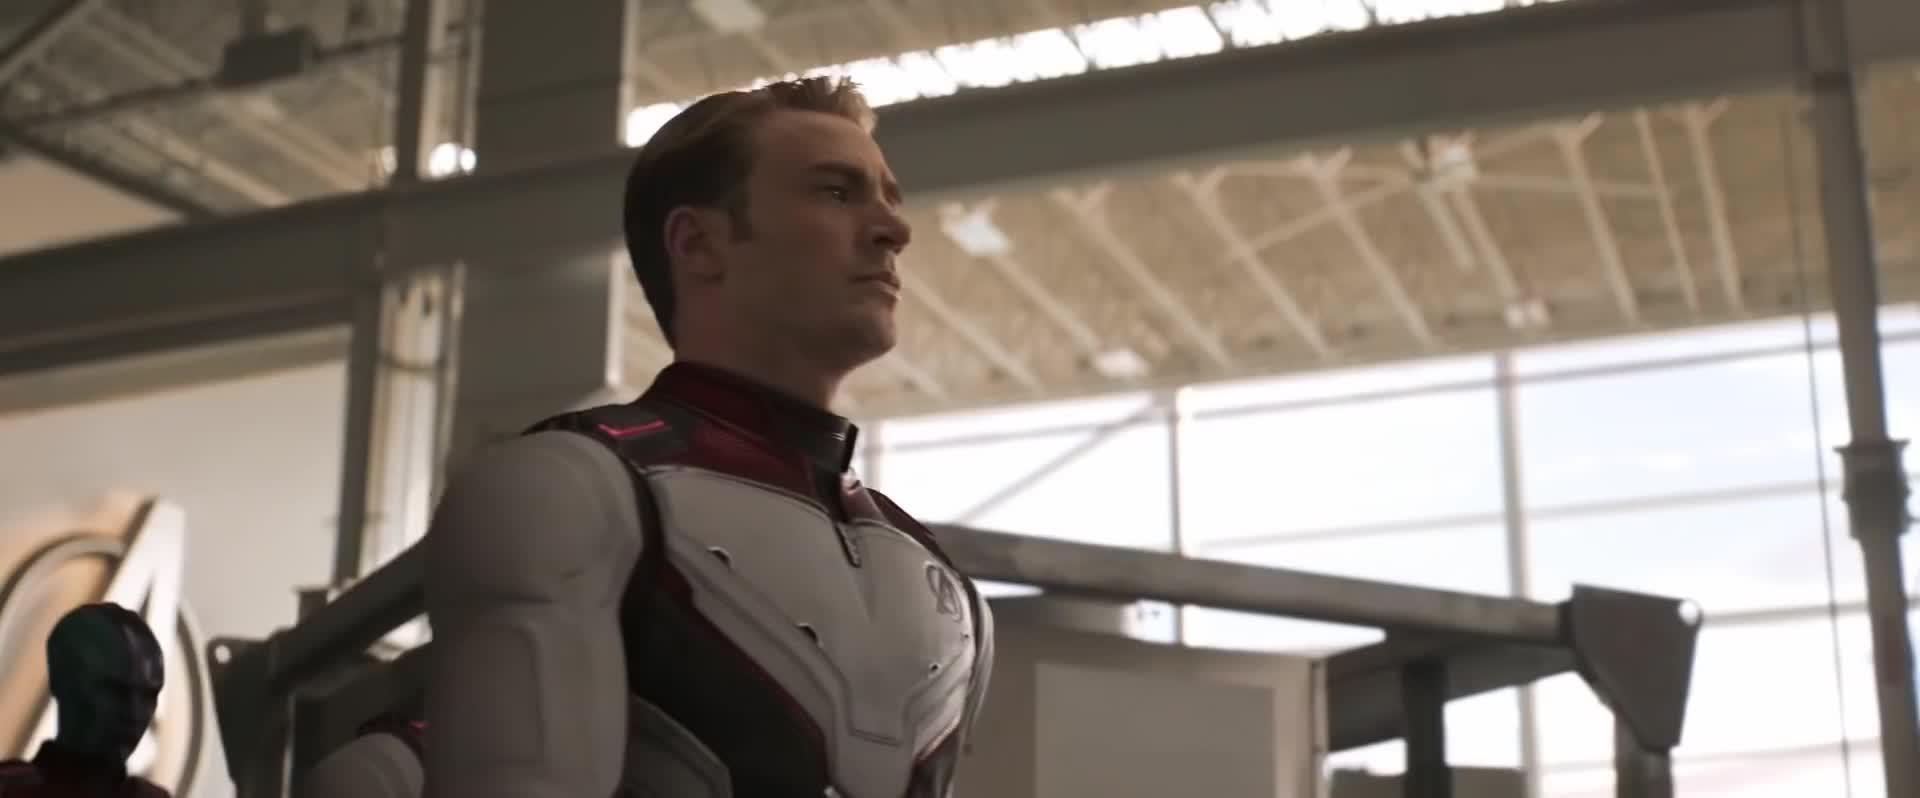 assemble, avengers endgame, celebs, marvel, scarlett johansson, Avengers Endgame Team Assembling GIFs